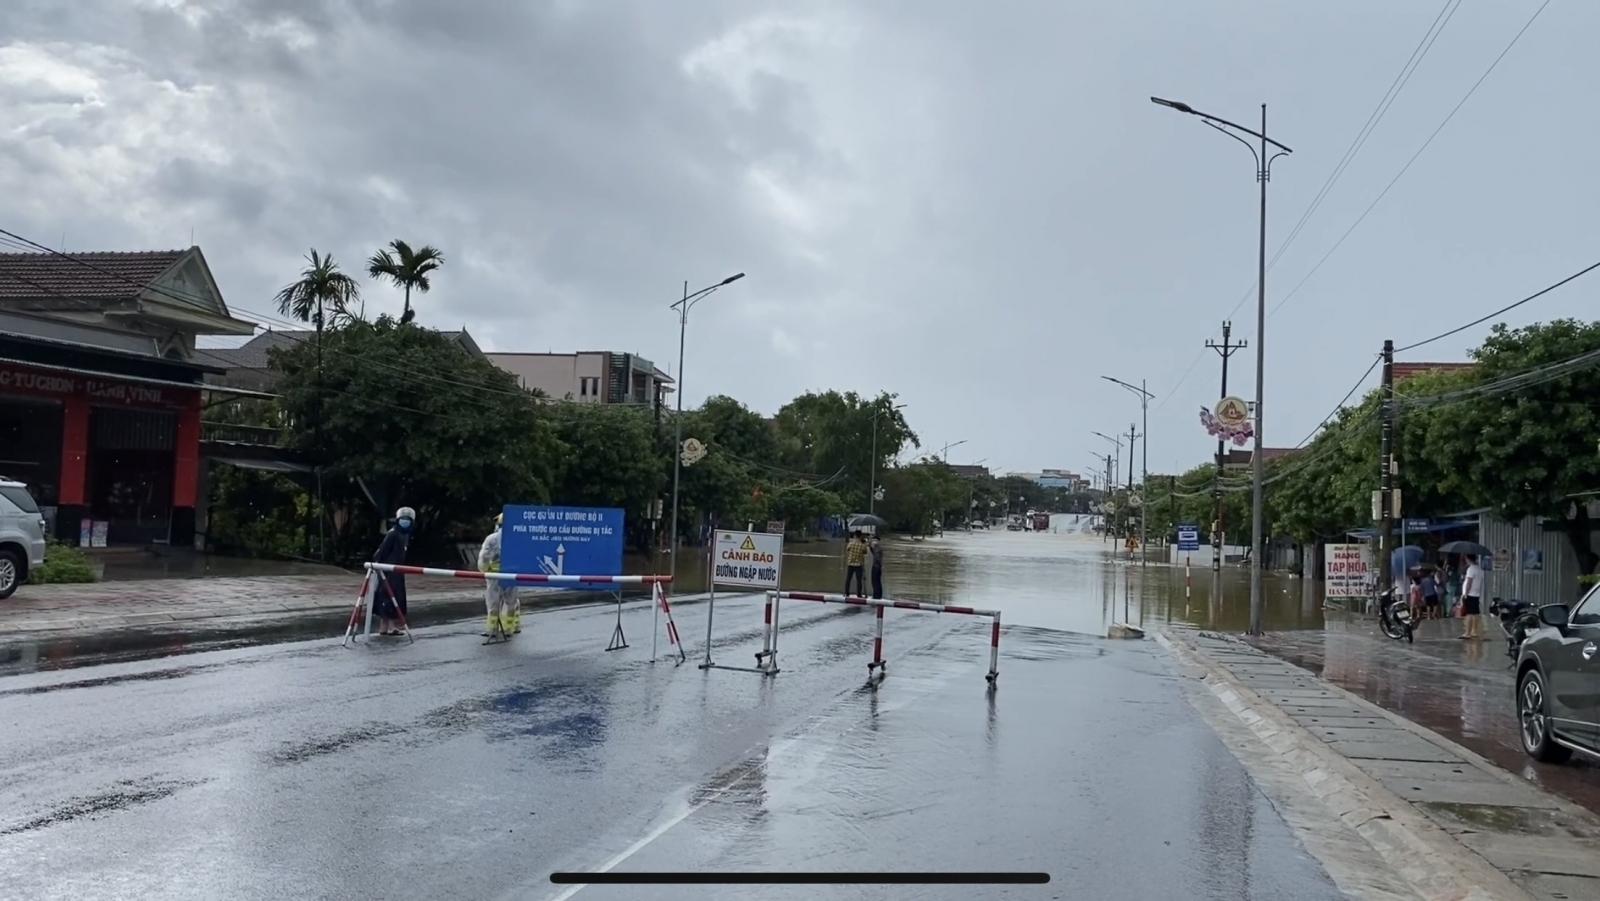 Hà Tĩnh: Mưa lớn trong nhiều giờ, Quốc lộ 1A bị chia cắt - Ảnh 1.